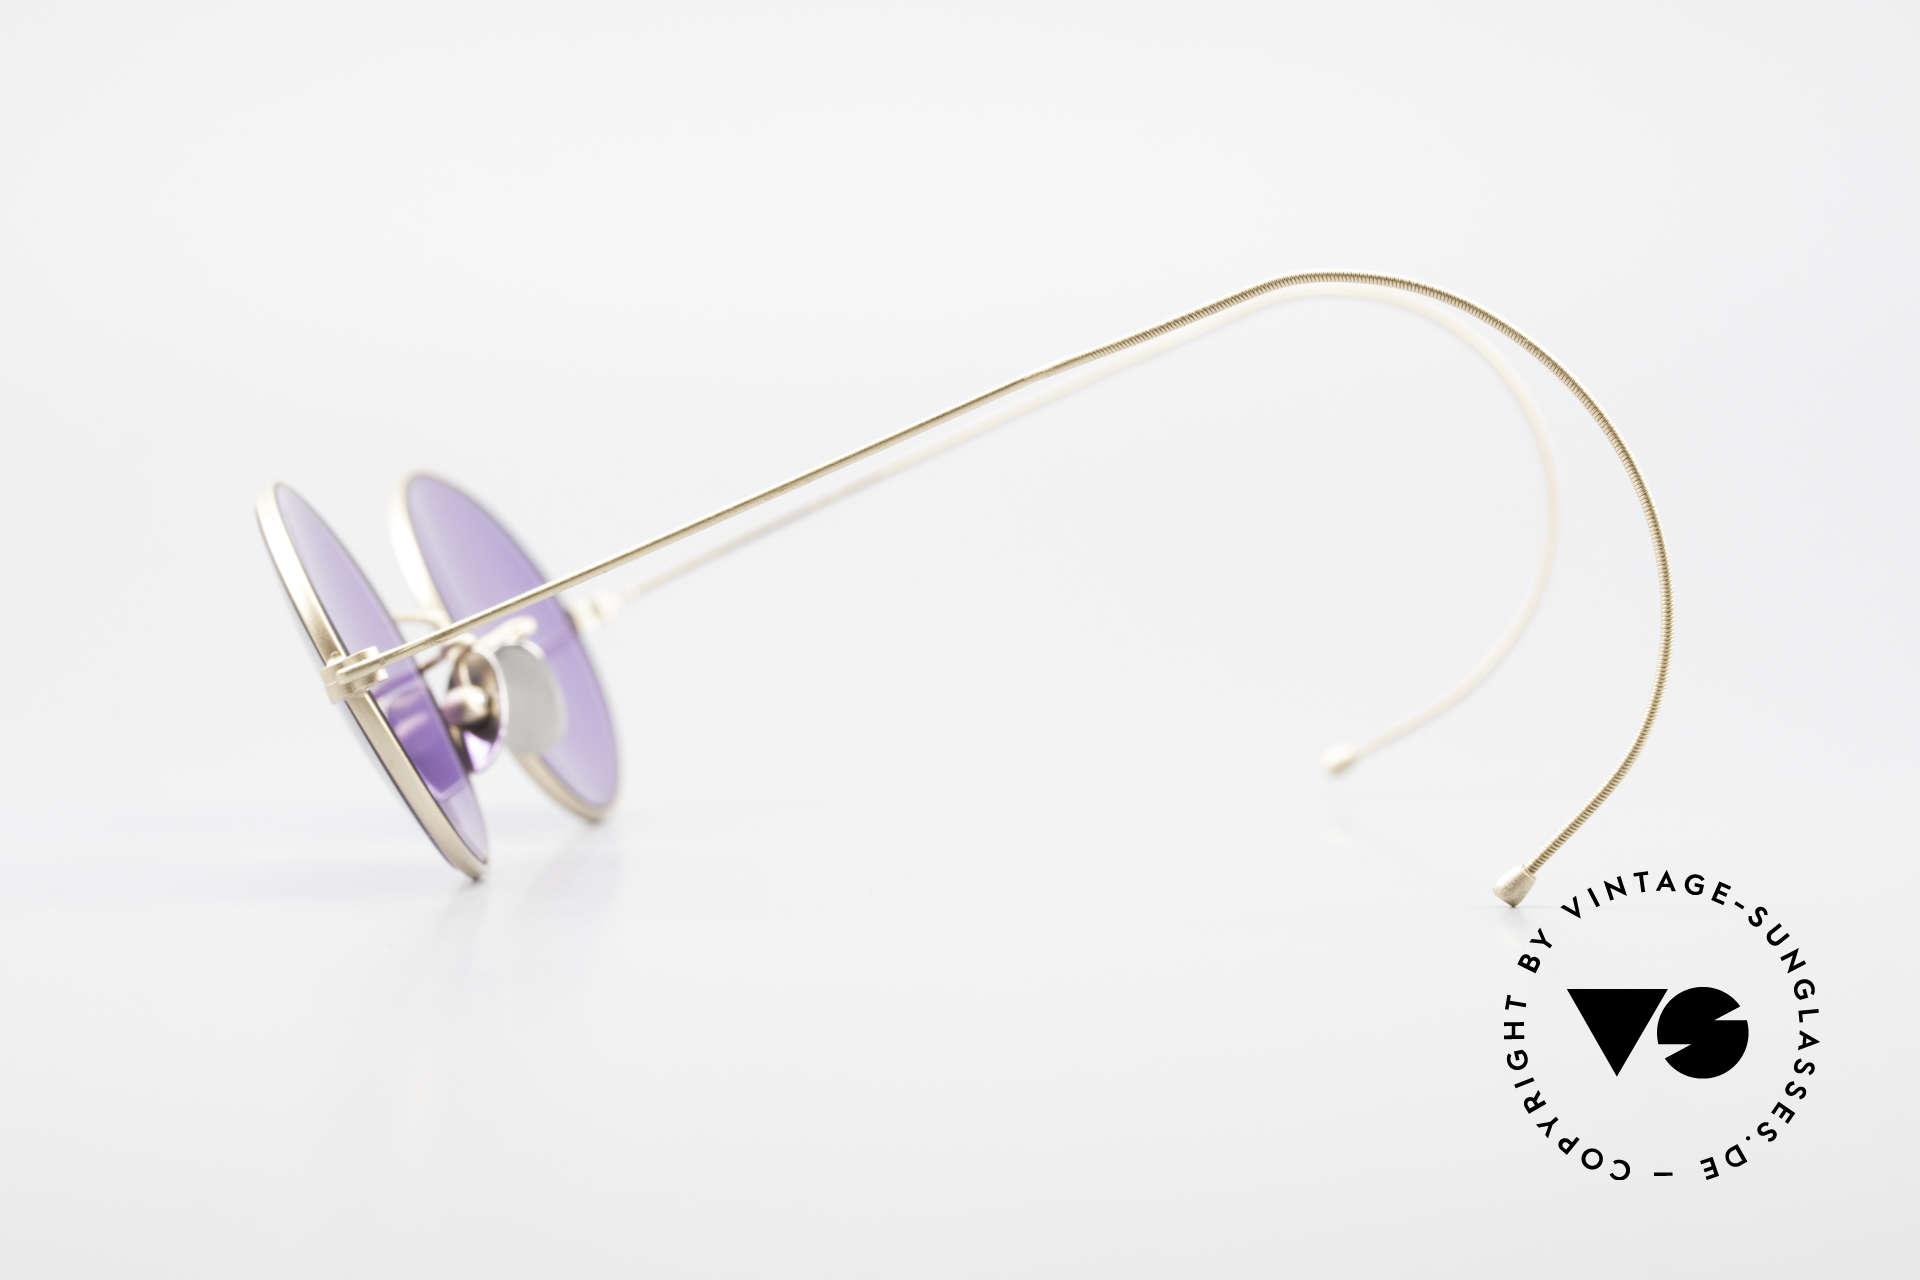 Cutler And Gross 0410 Ovale Sportbügel Sonnenbrille, ovale Fassung mit Sport-Bügeln für einen idealen Halt, Passend für Herren und Damen